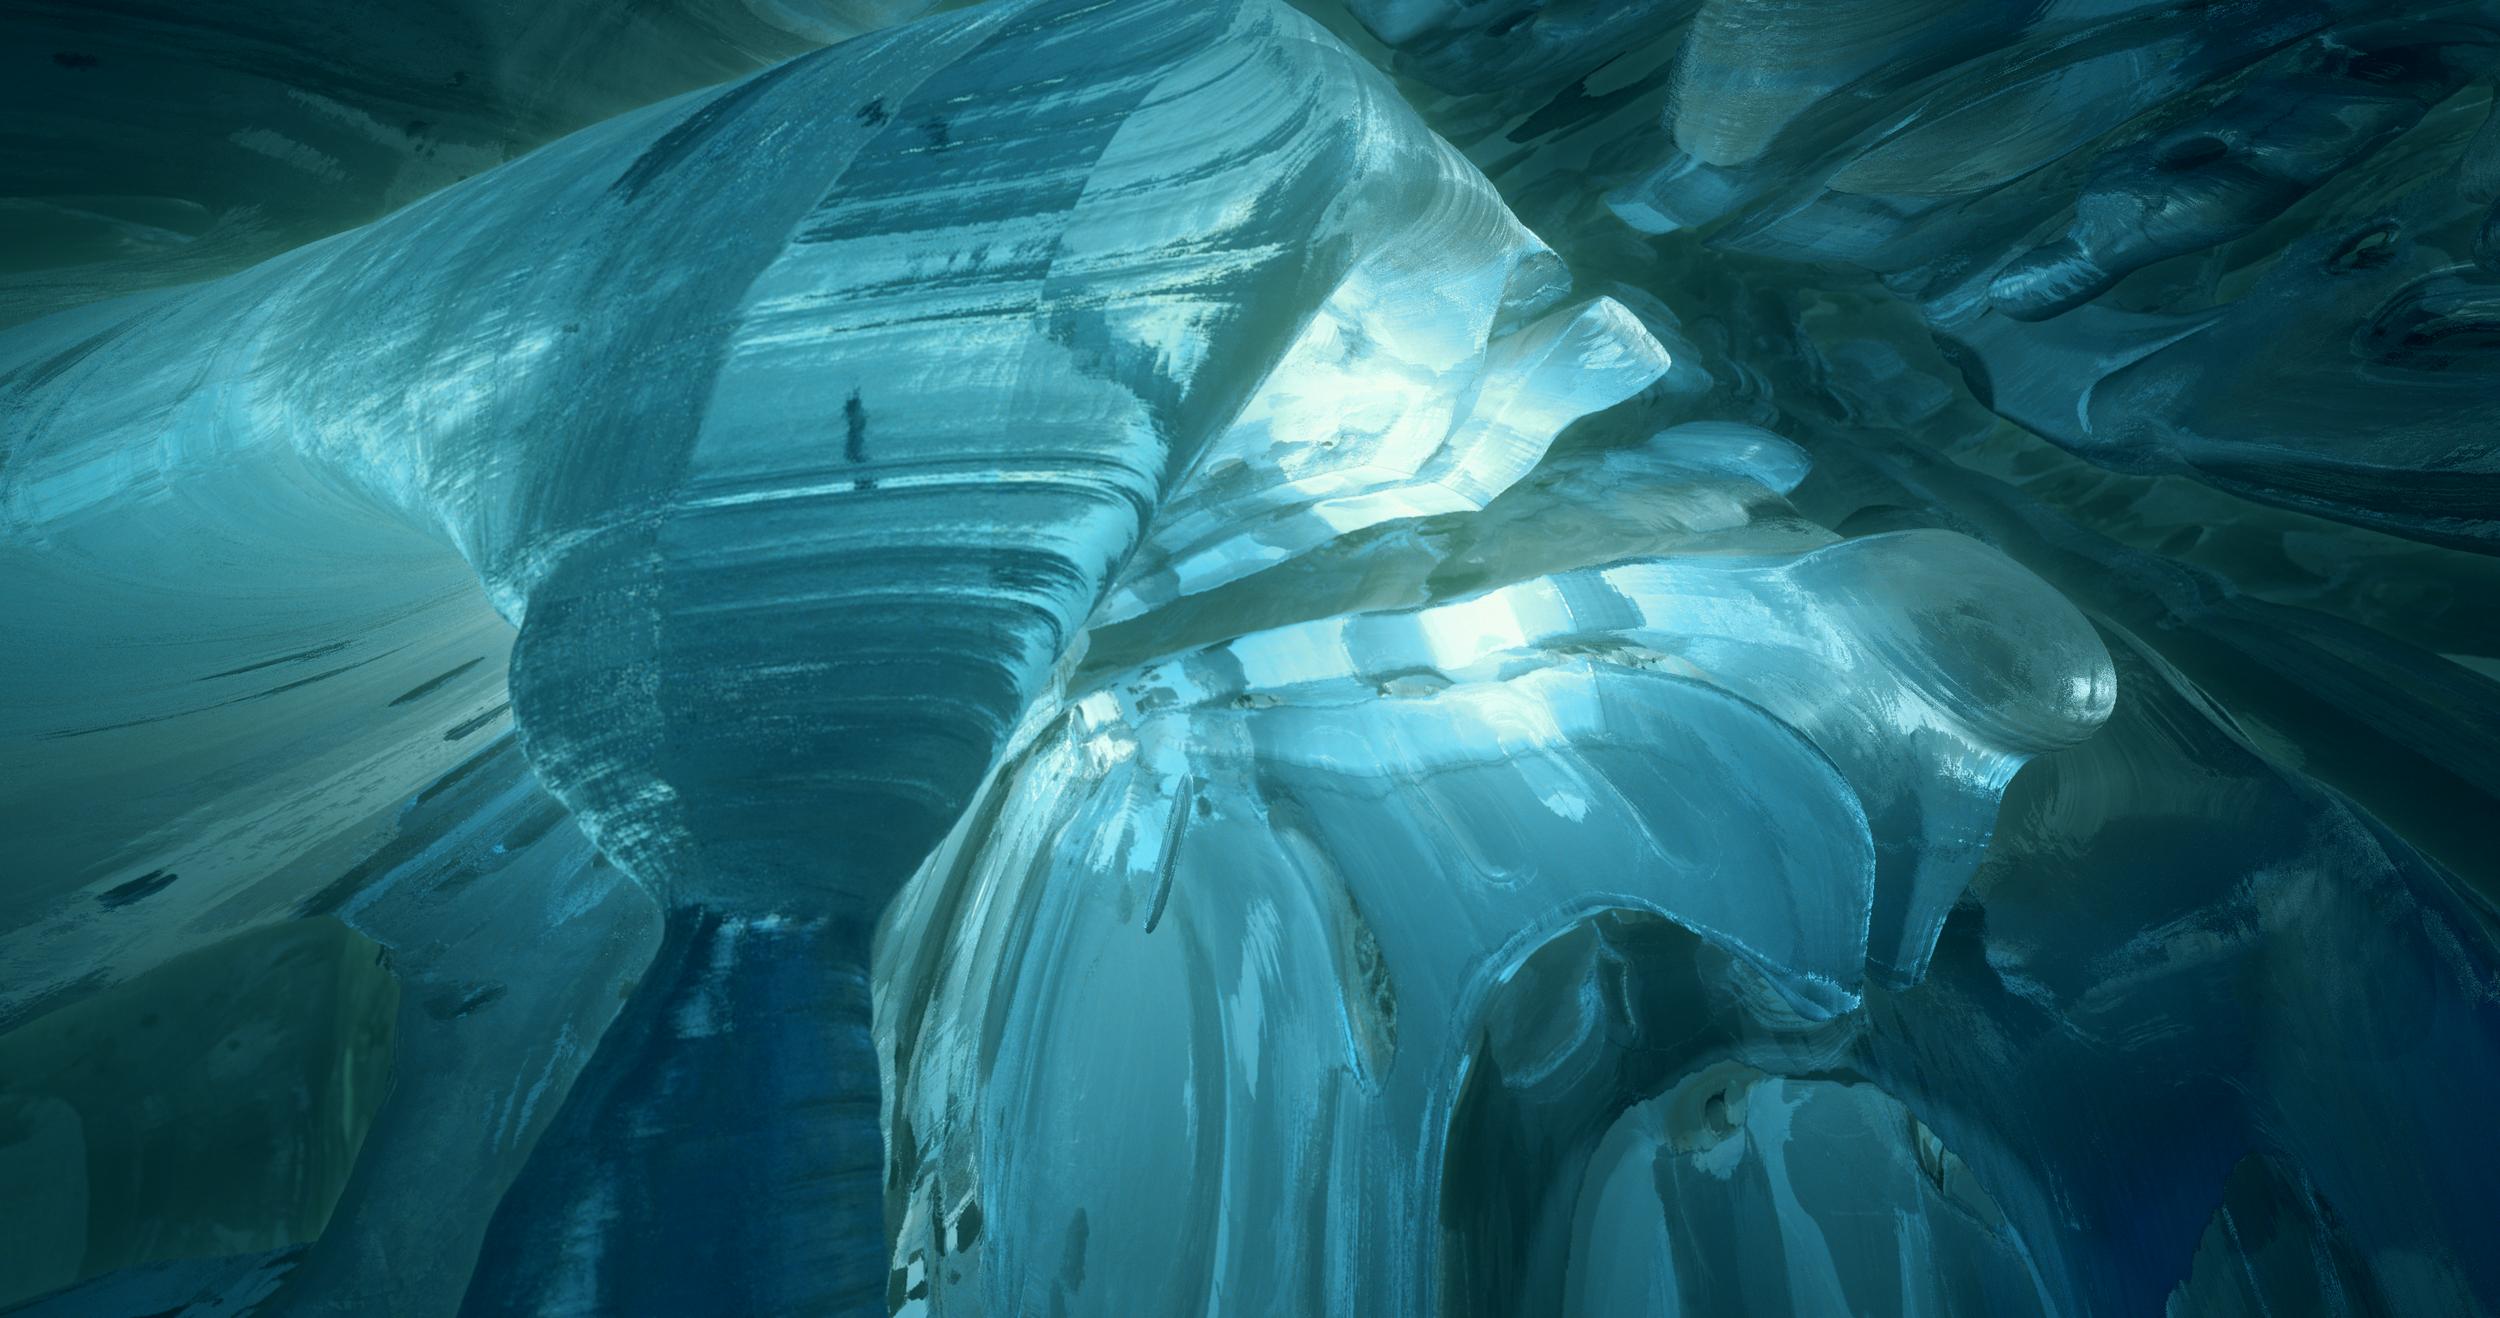 Ice Caves 4096 x 2160